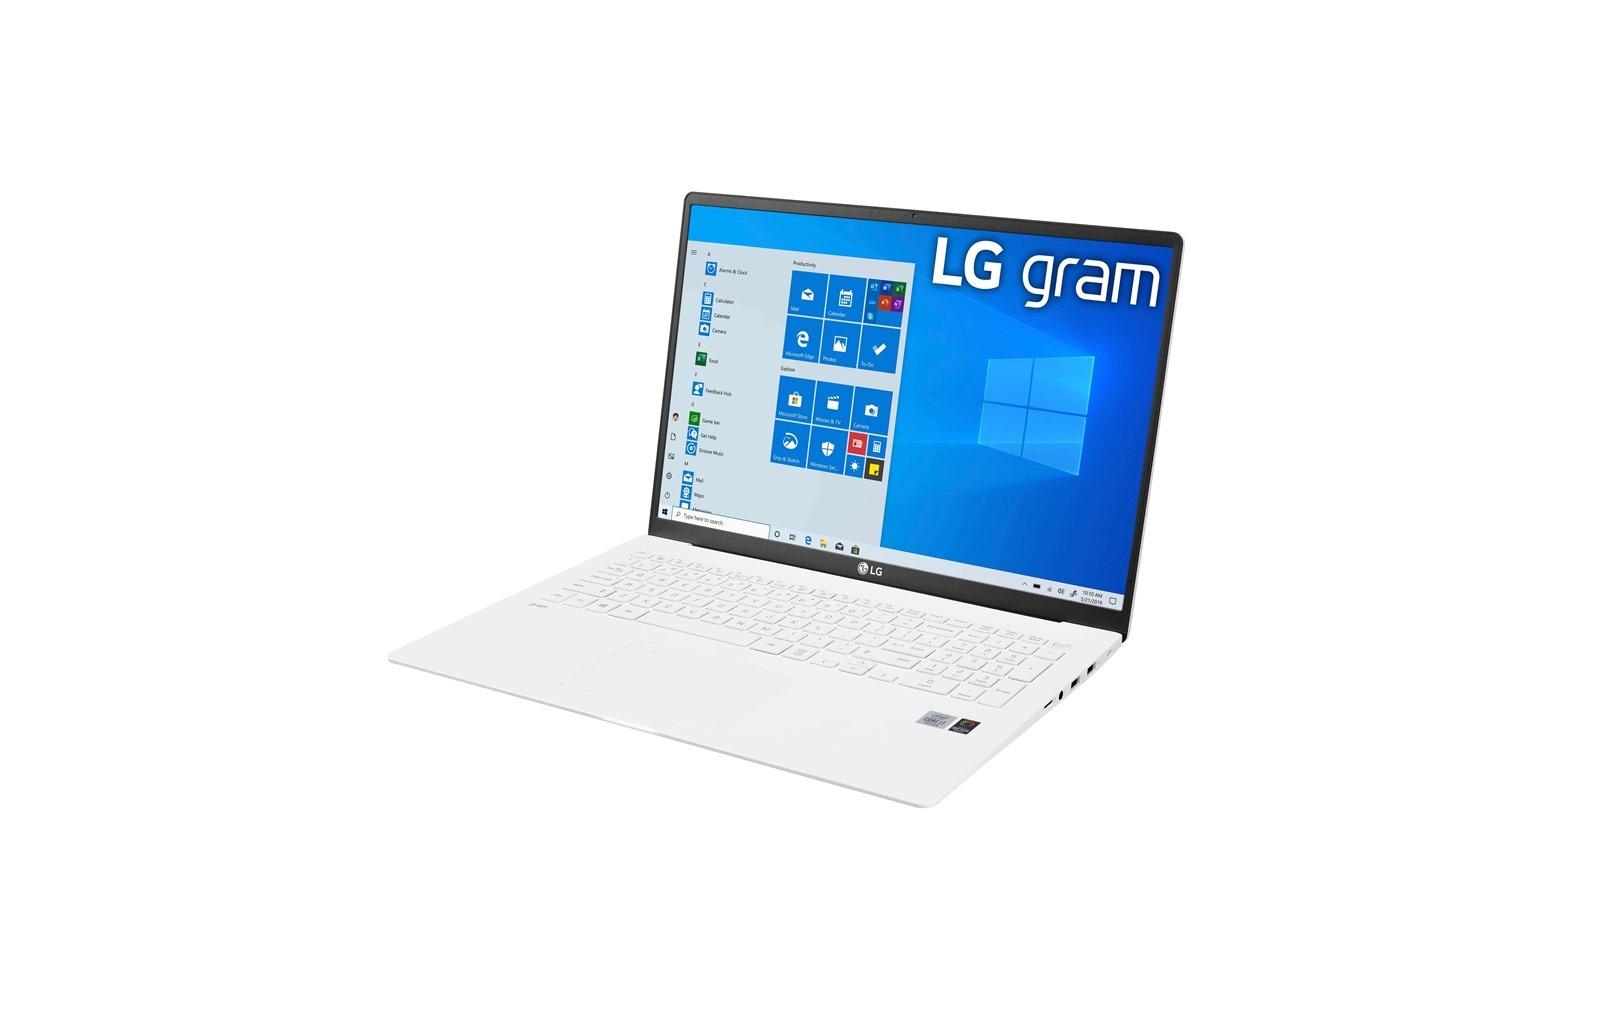 超輕超長續航!2020 新款 LG gram 超輕贏登場!第十代 Intel 處理器上線! @3C 達人廖阿輝